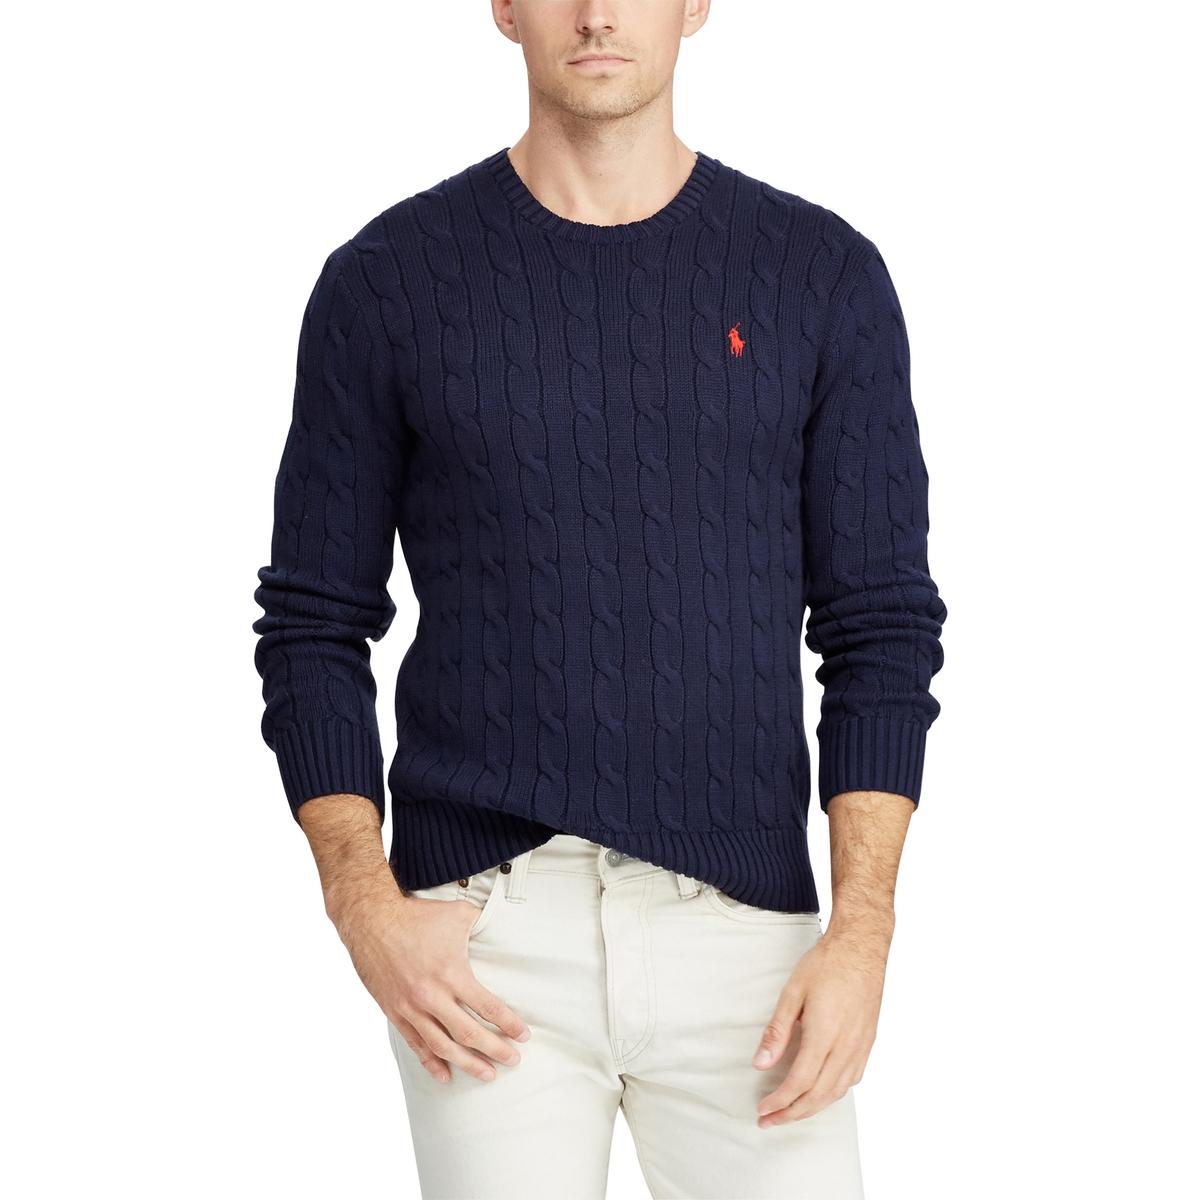 Пуловер La Redoute С круглым вырезом из витого трикотажа из хлопка S синий пуловер la redoute с круглым вырезом из плотного трикотажа 3xl синий